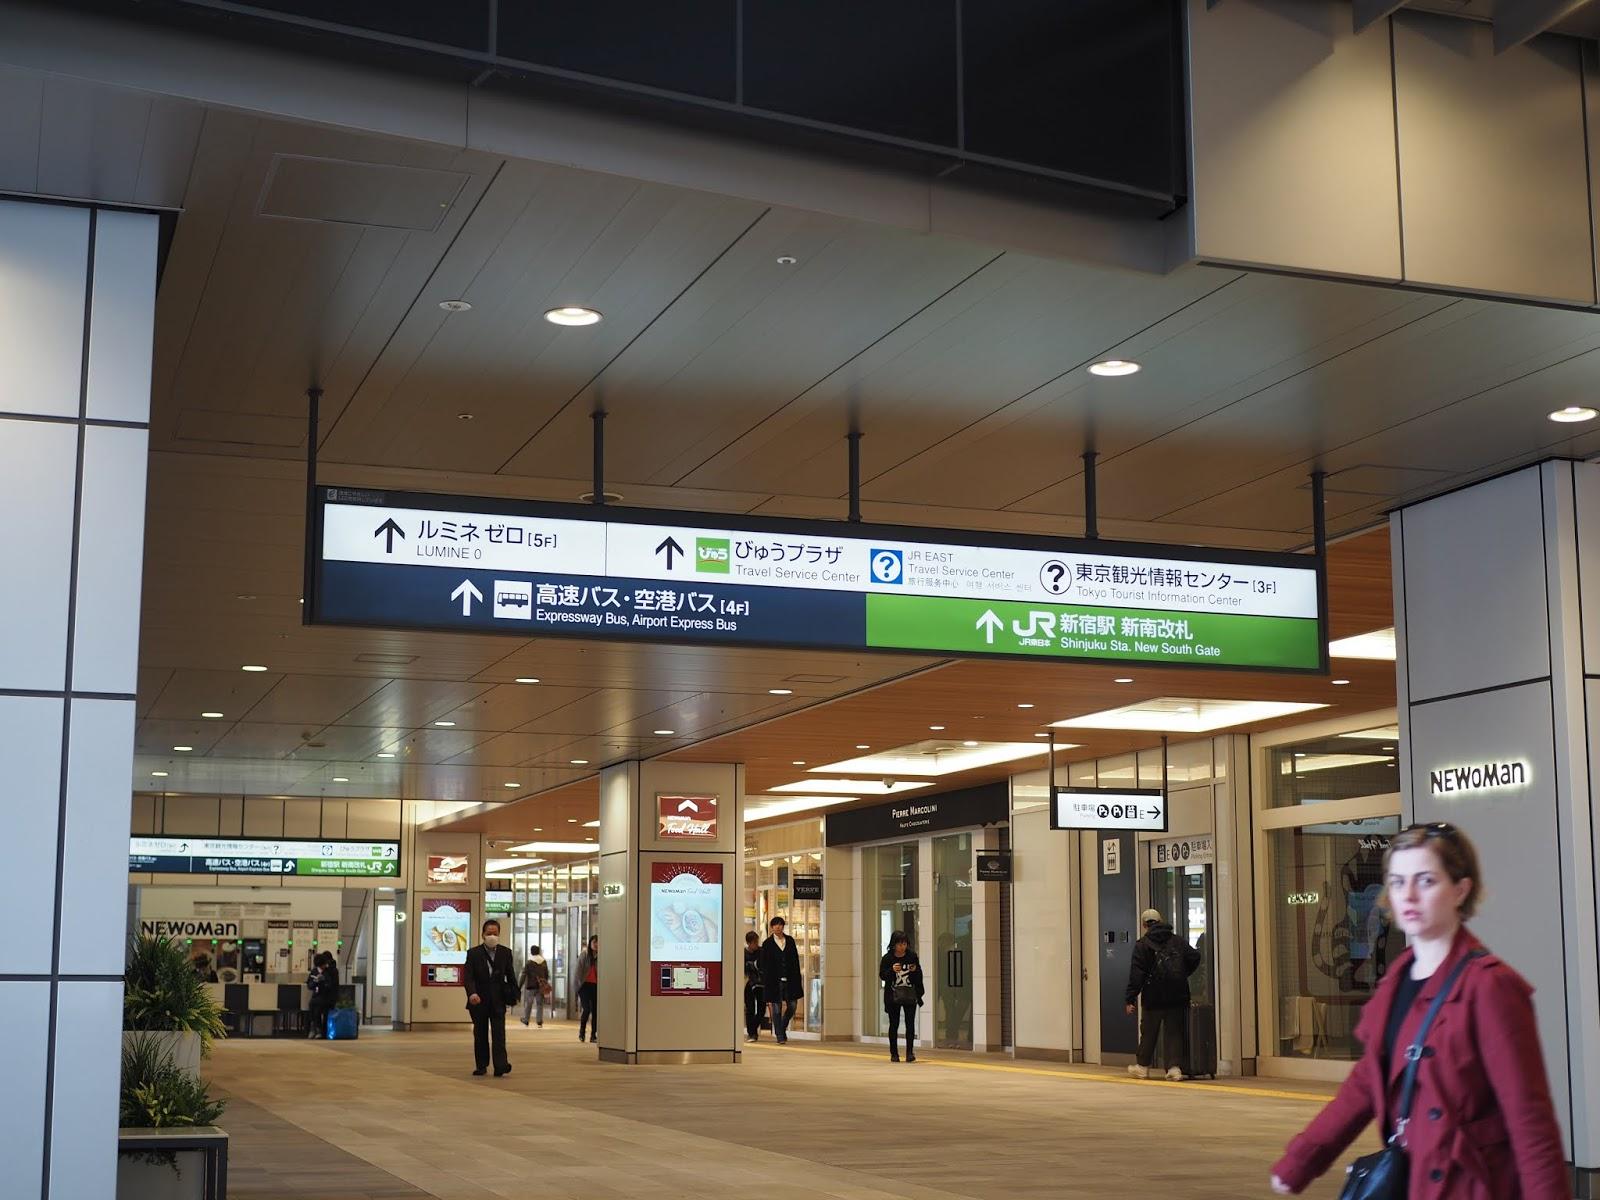 Expressway Bus Terminal in Shinjuku  Station